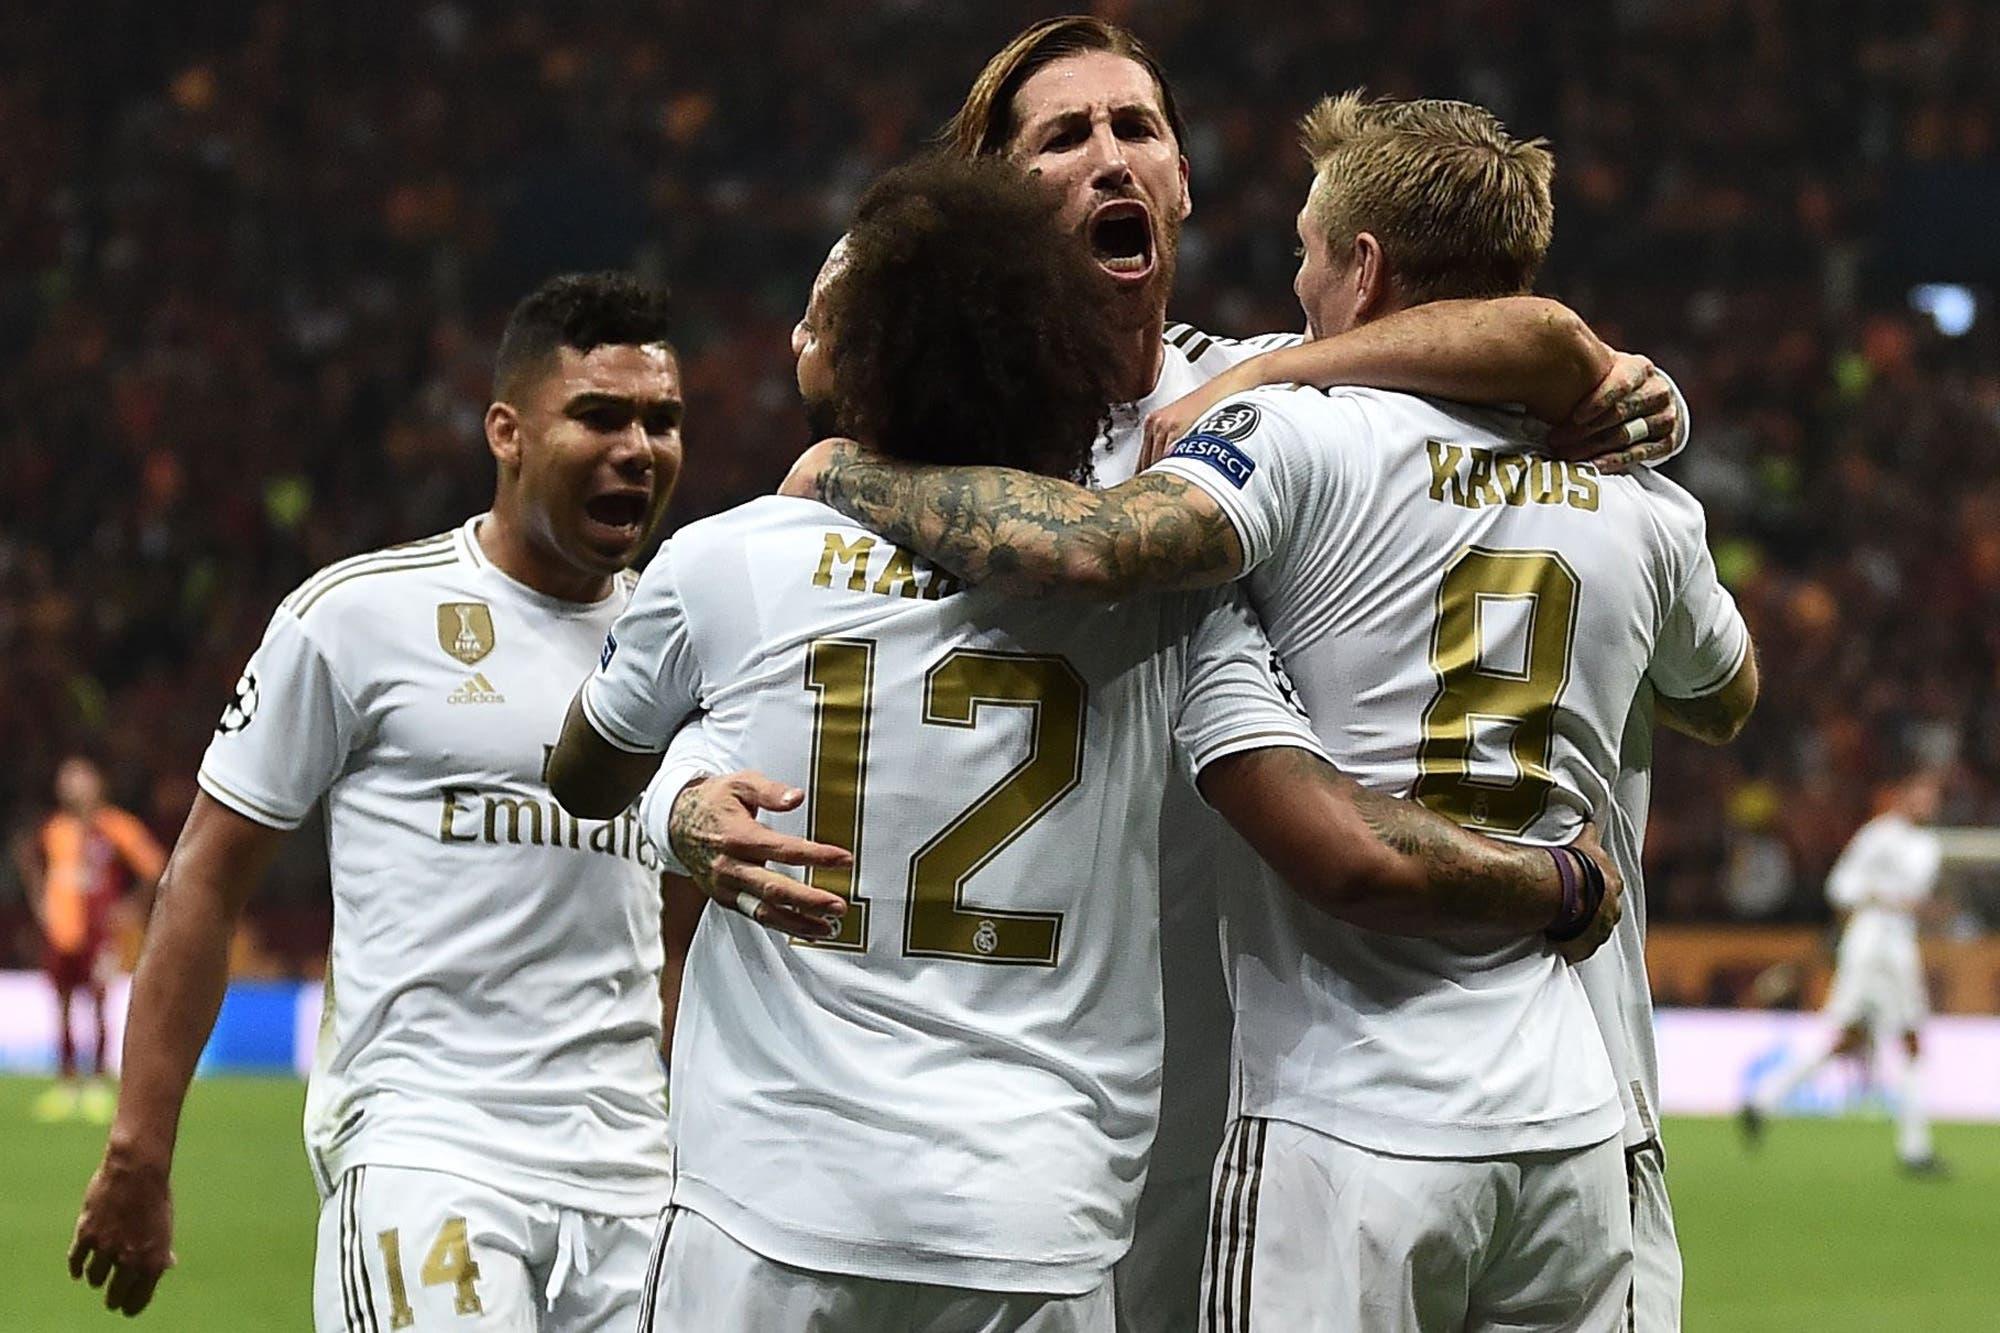 Galatasaray-Real Madrid, Champions League: el alivio para Zidane llegó con una victoria en Turquía